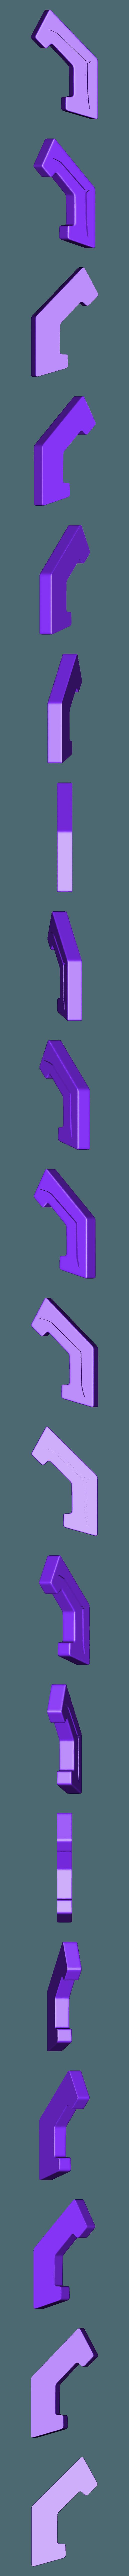 defqon_1.stl Download free STL file DEFQON LOGO • 3D printing model, BODY3D